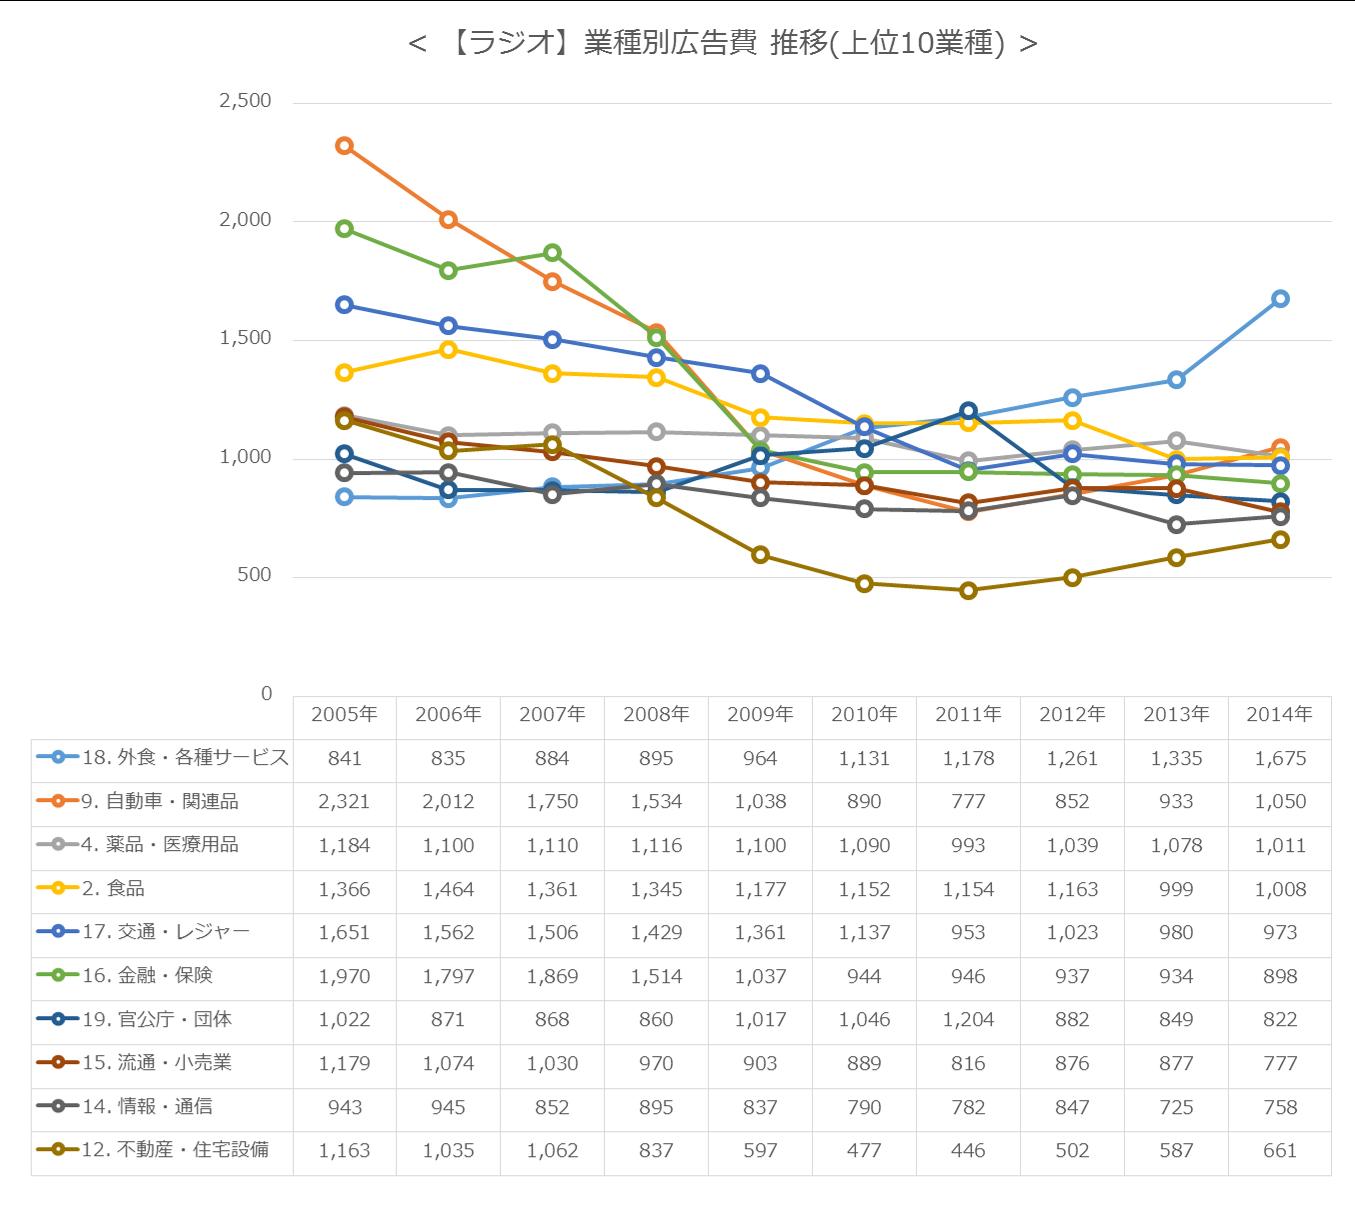 【ラジオ】業種別広告費 推移(上位10業種)